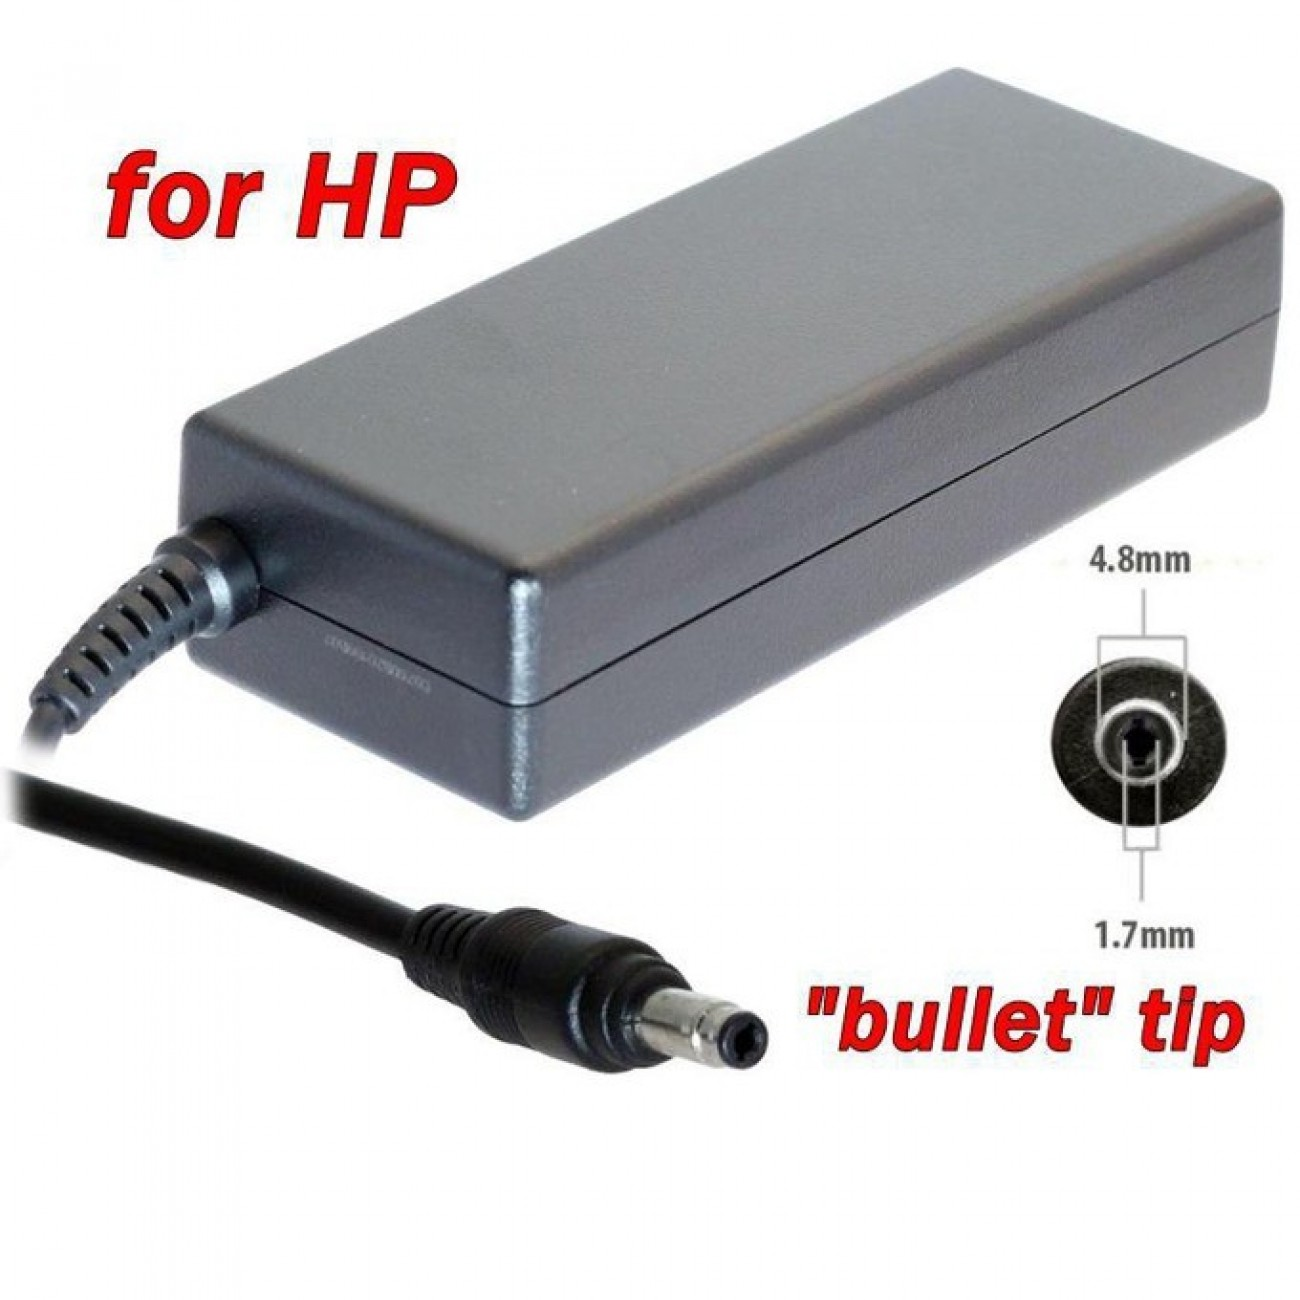 Захранване (заместител) за лаптопи HP, 19V/4.74A/90W, жак (4.8 x 1.7) в Захранвания за Лаптопи -  | Alleop